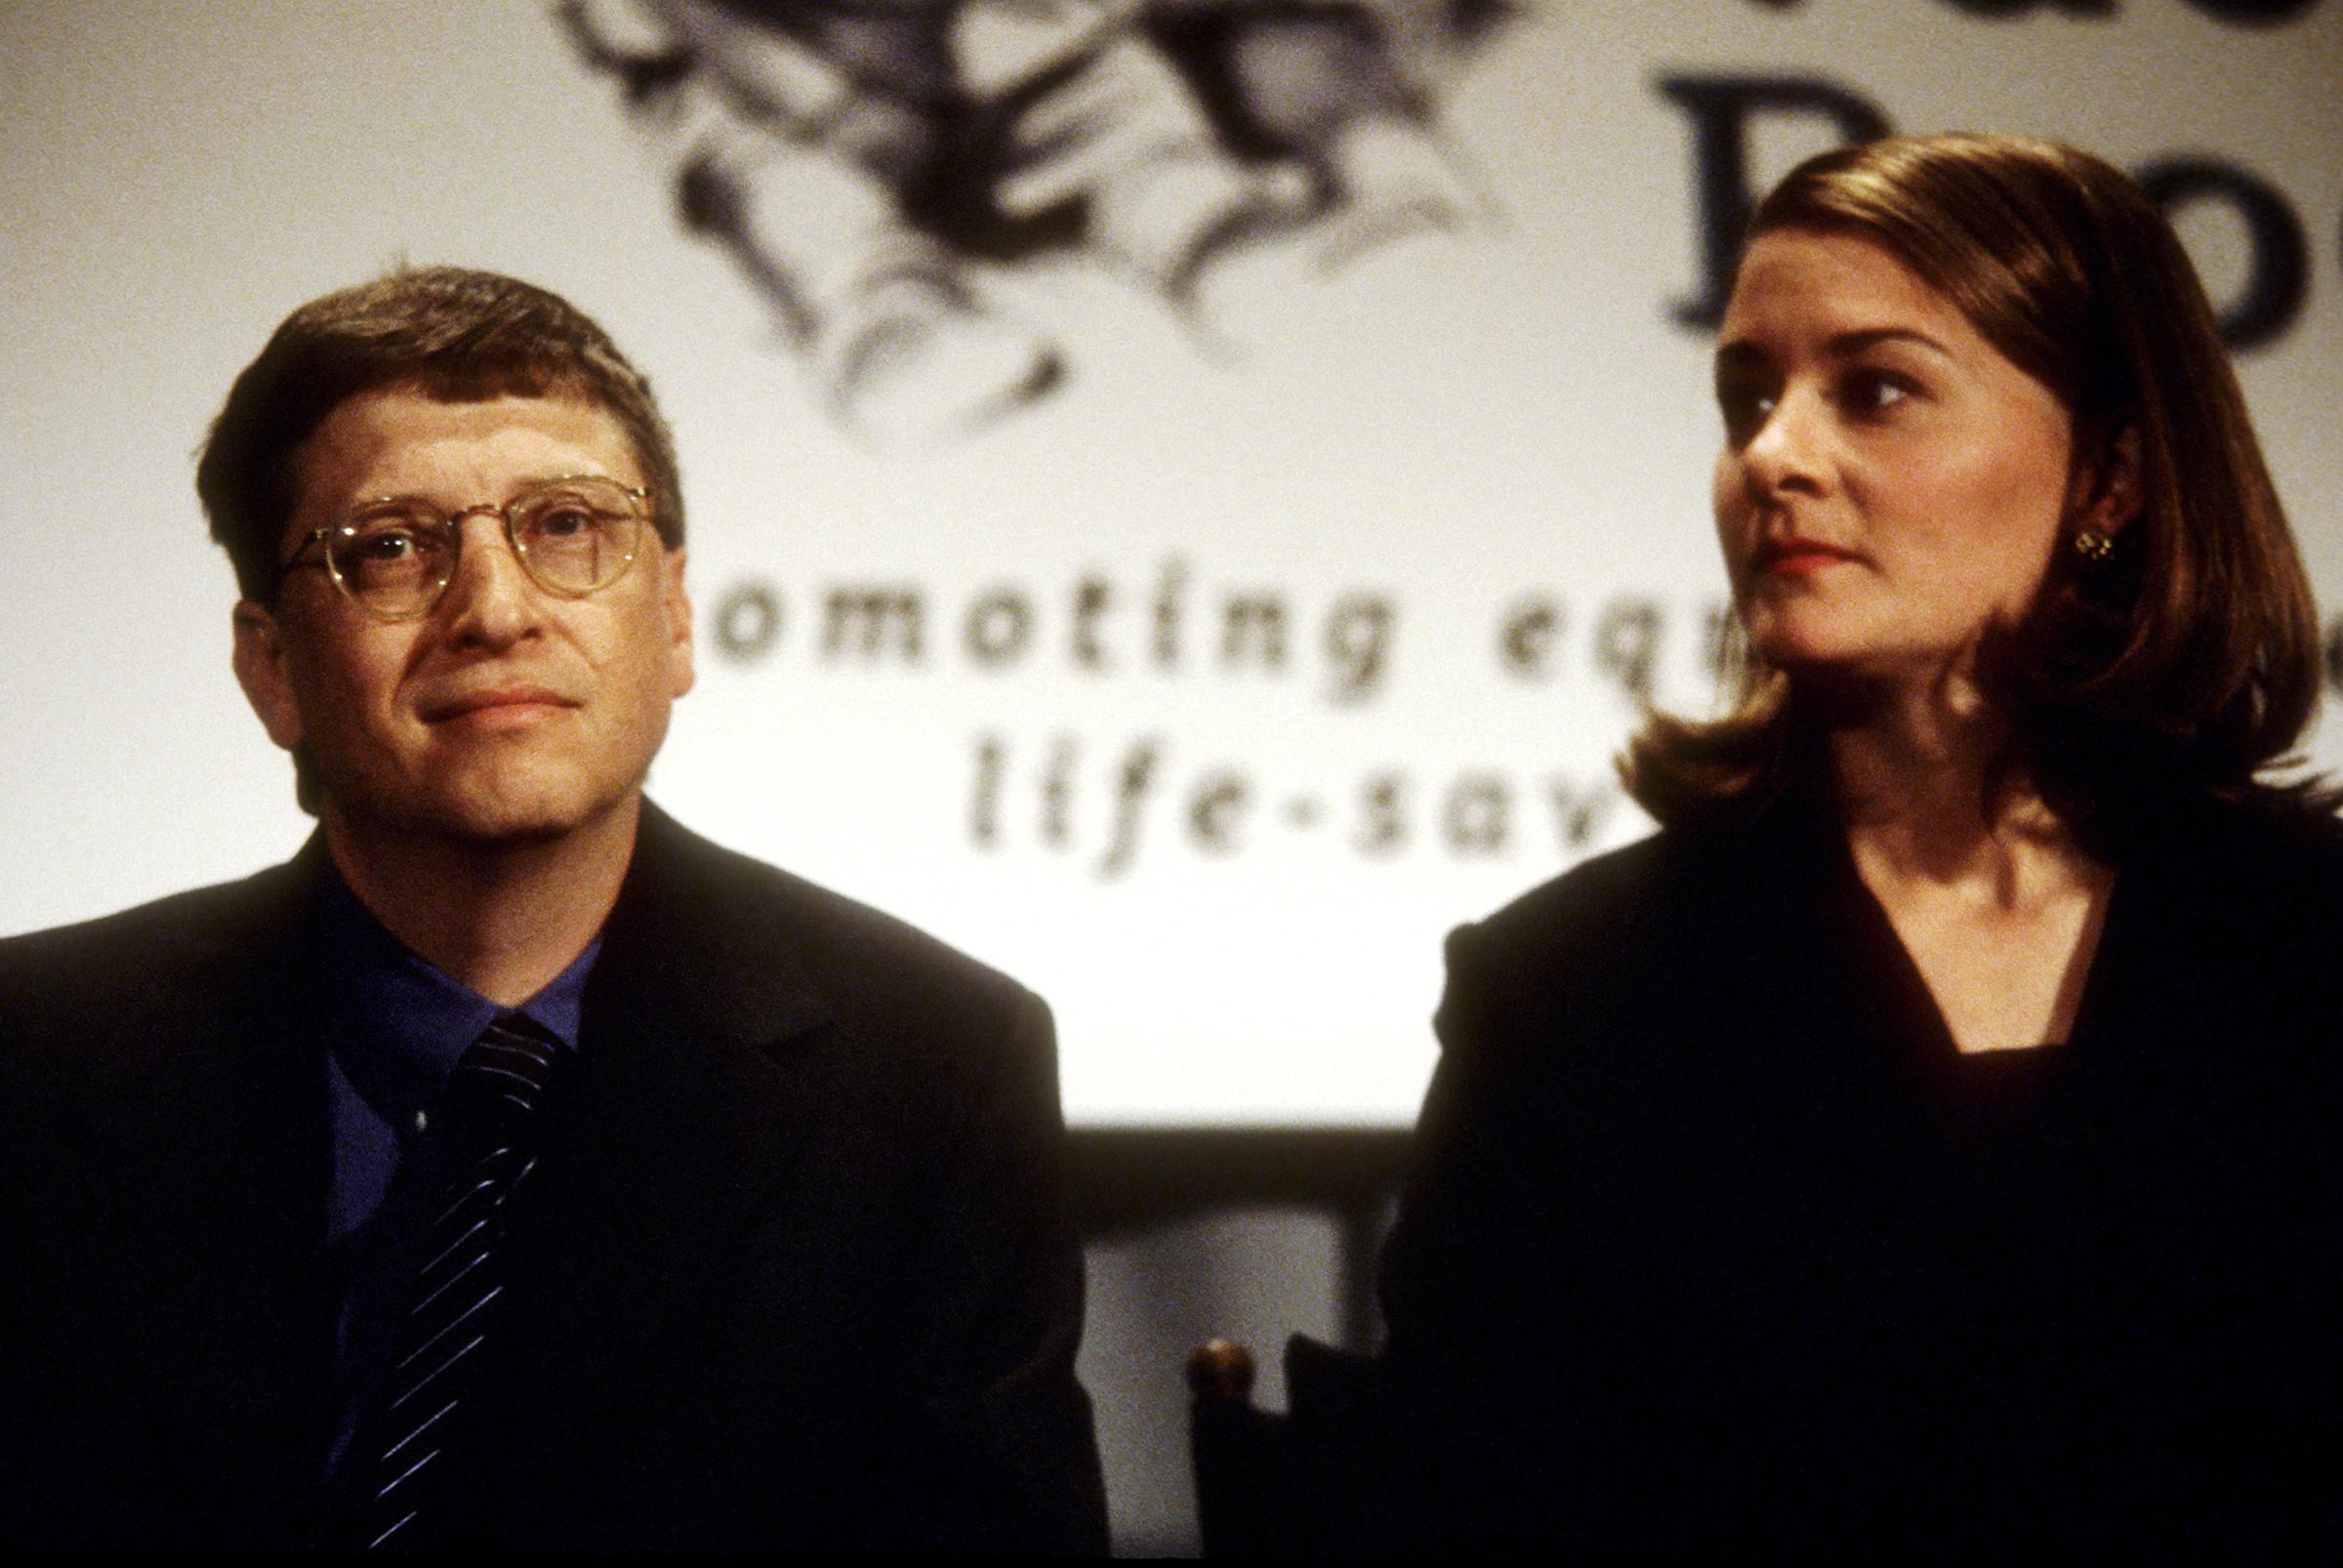 بیل گیتس و همسرش ملیندا اکنون باید بر سر ثروت هنگفت خود مبارزه کنند، در شرایطی که بعد از سال ها زندگی مشترک، تصمیم به جدایی گرفتند.